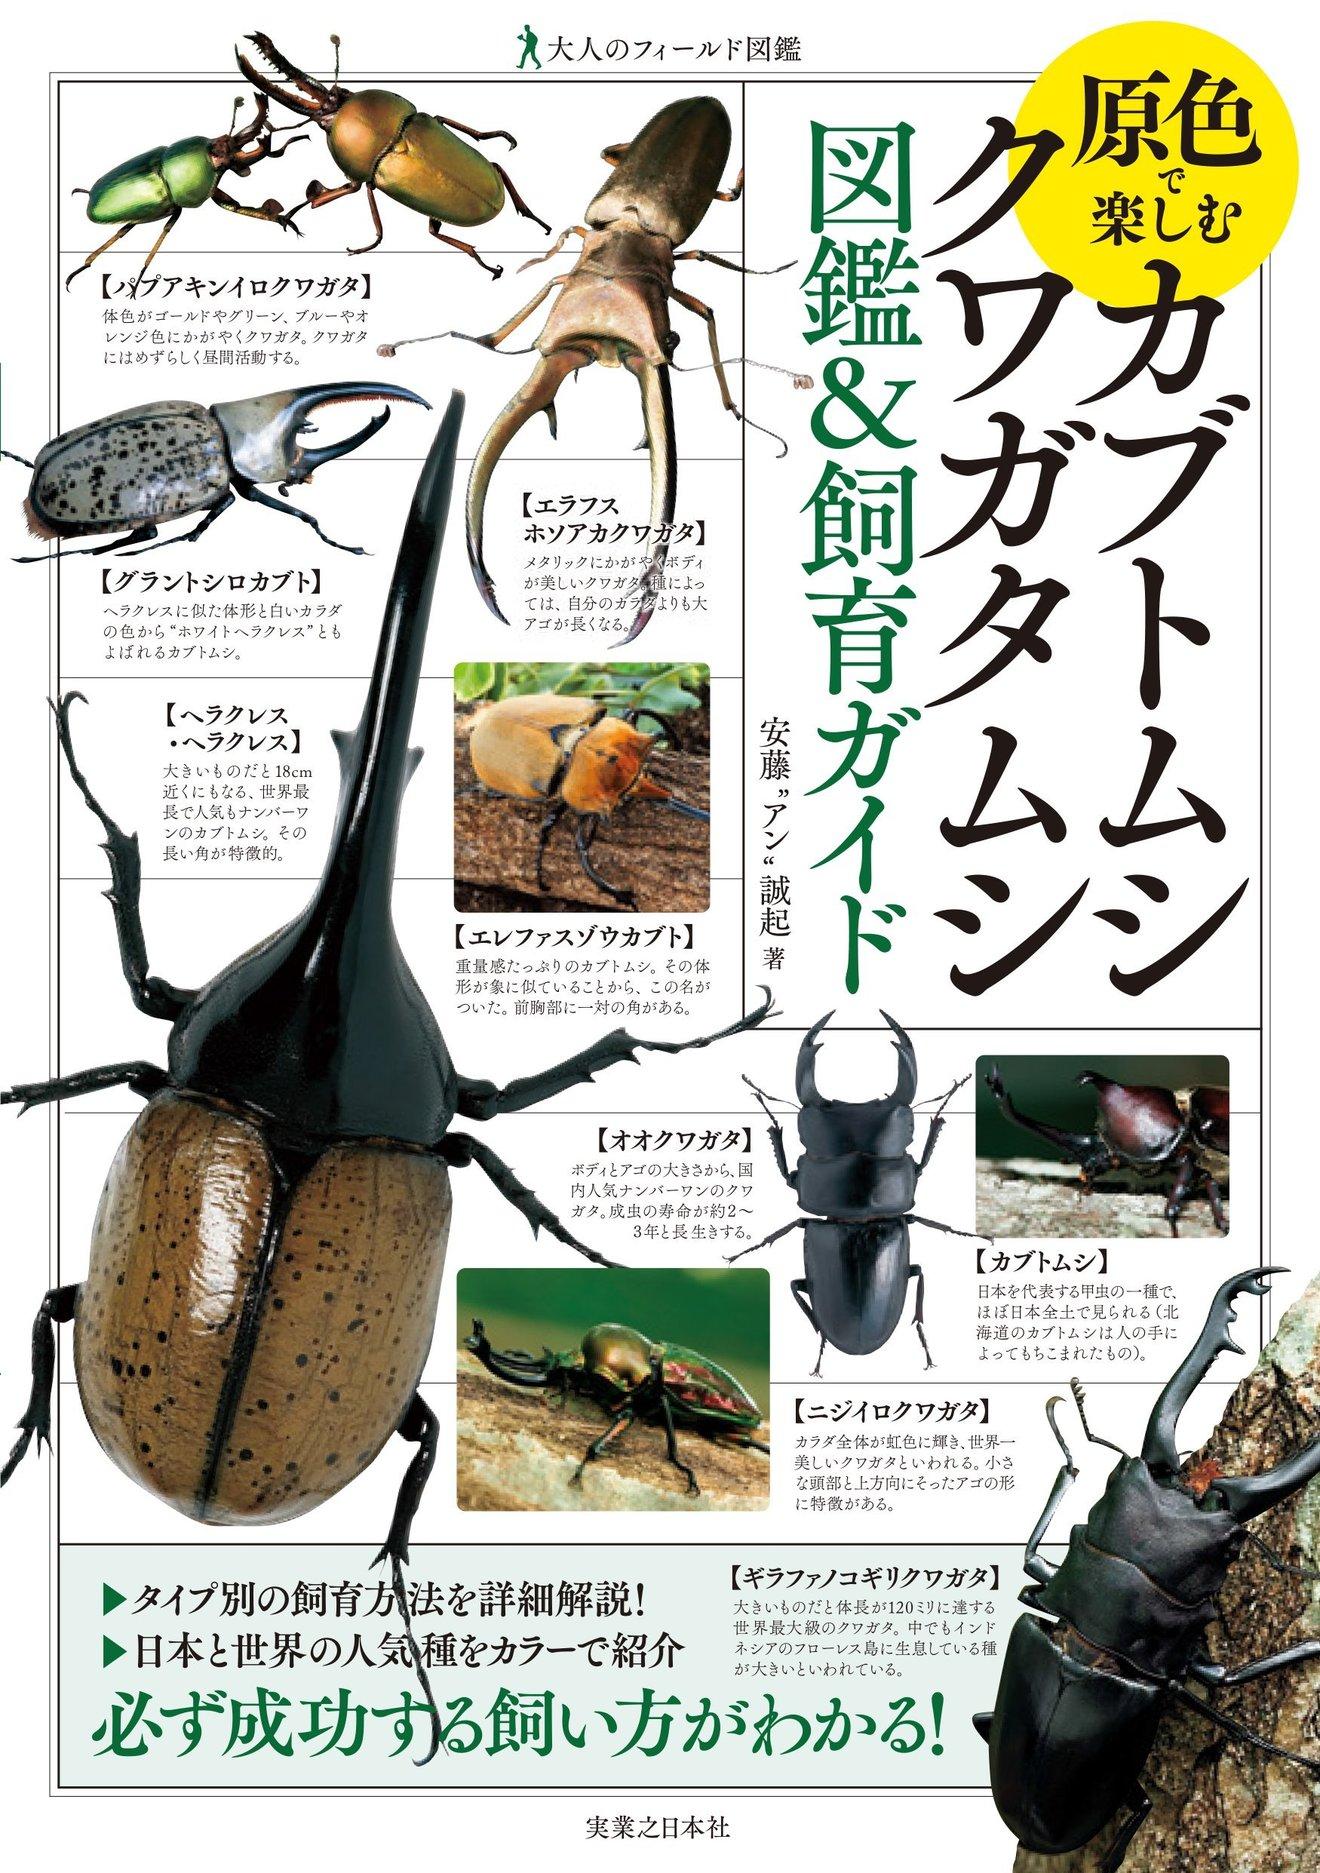 カブトムシの飼育方法を紹介!クワガタとの違いは?餌やりから種類